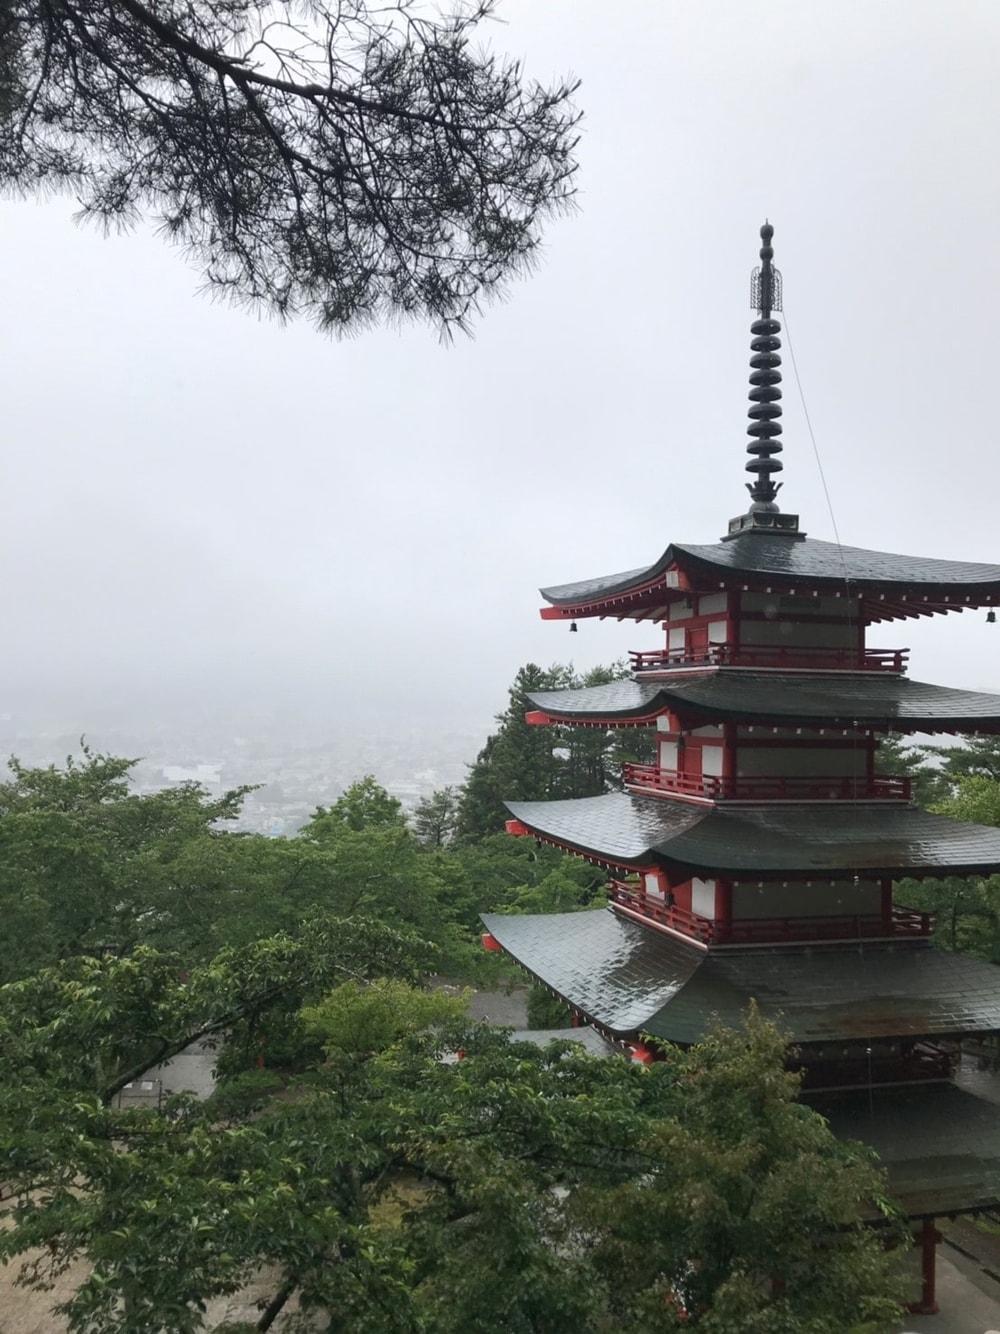 Chureito Pagoda (忠霊塔)